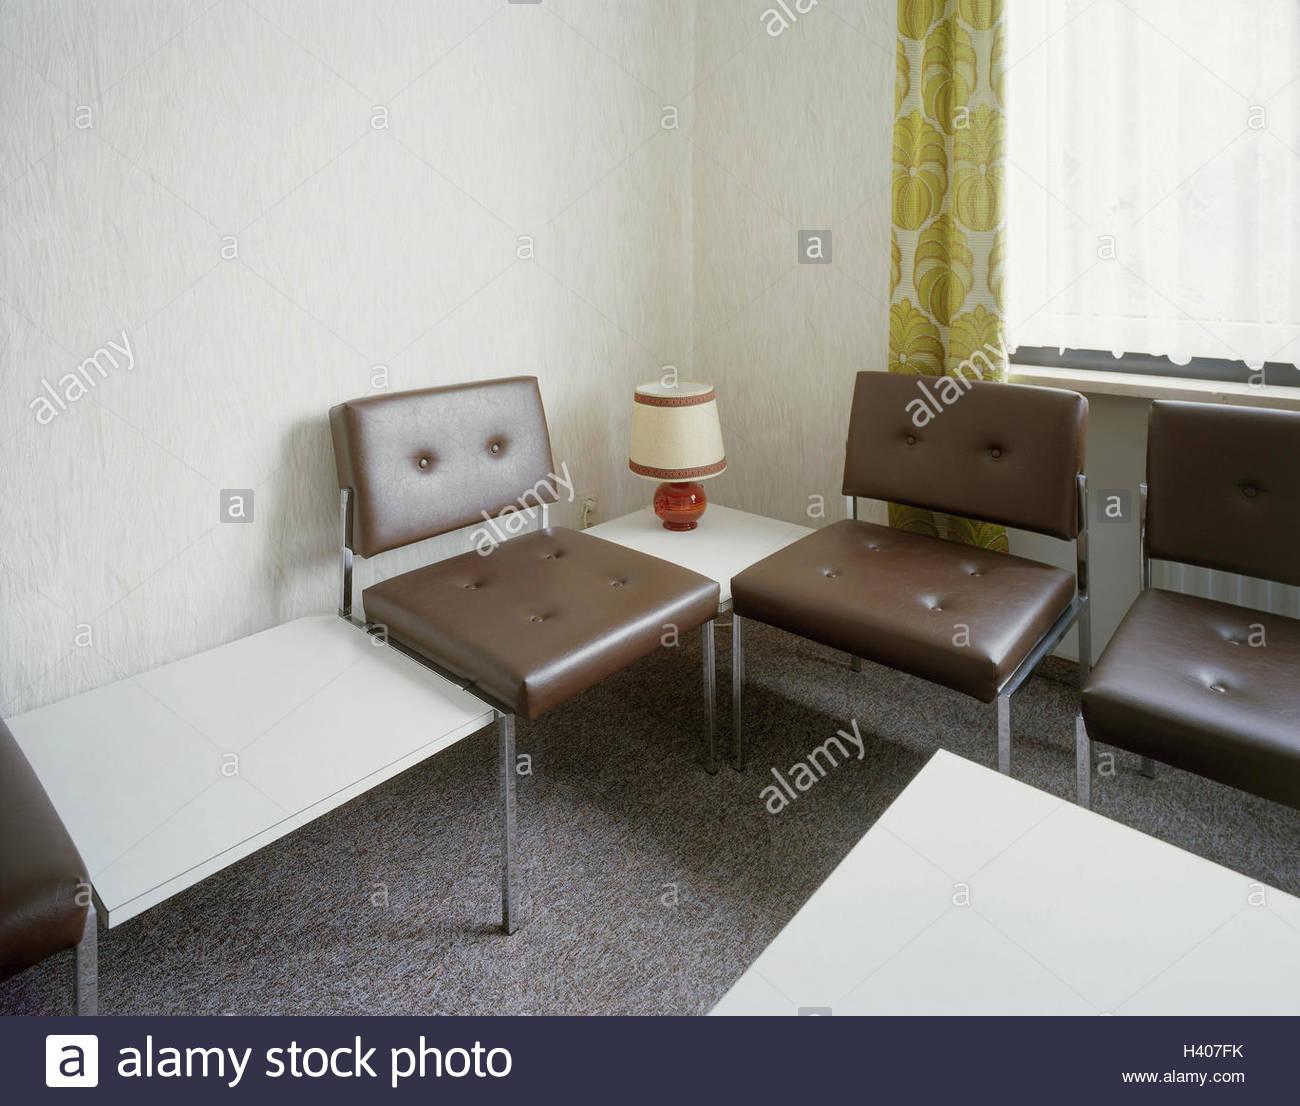 Möbel Leer medizinische praxis wartezimmer detail der 70er jahre praxis für